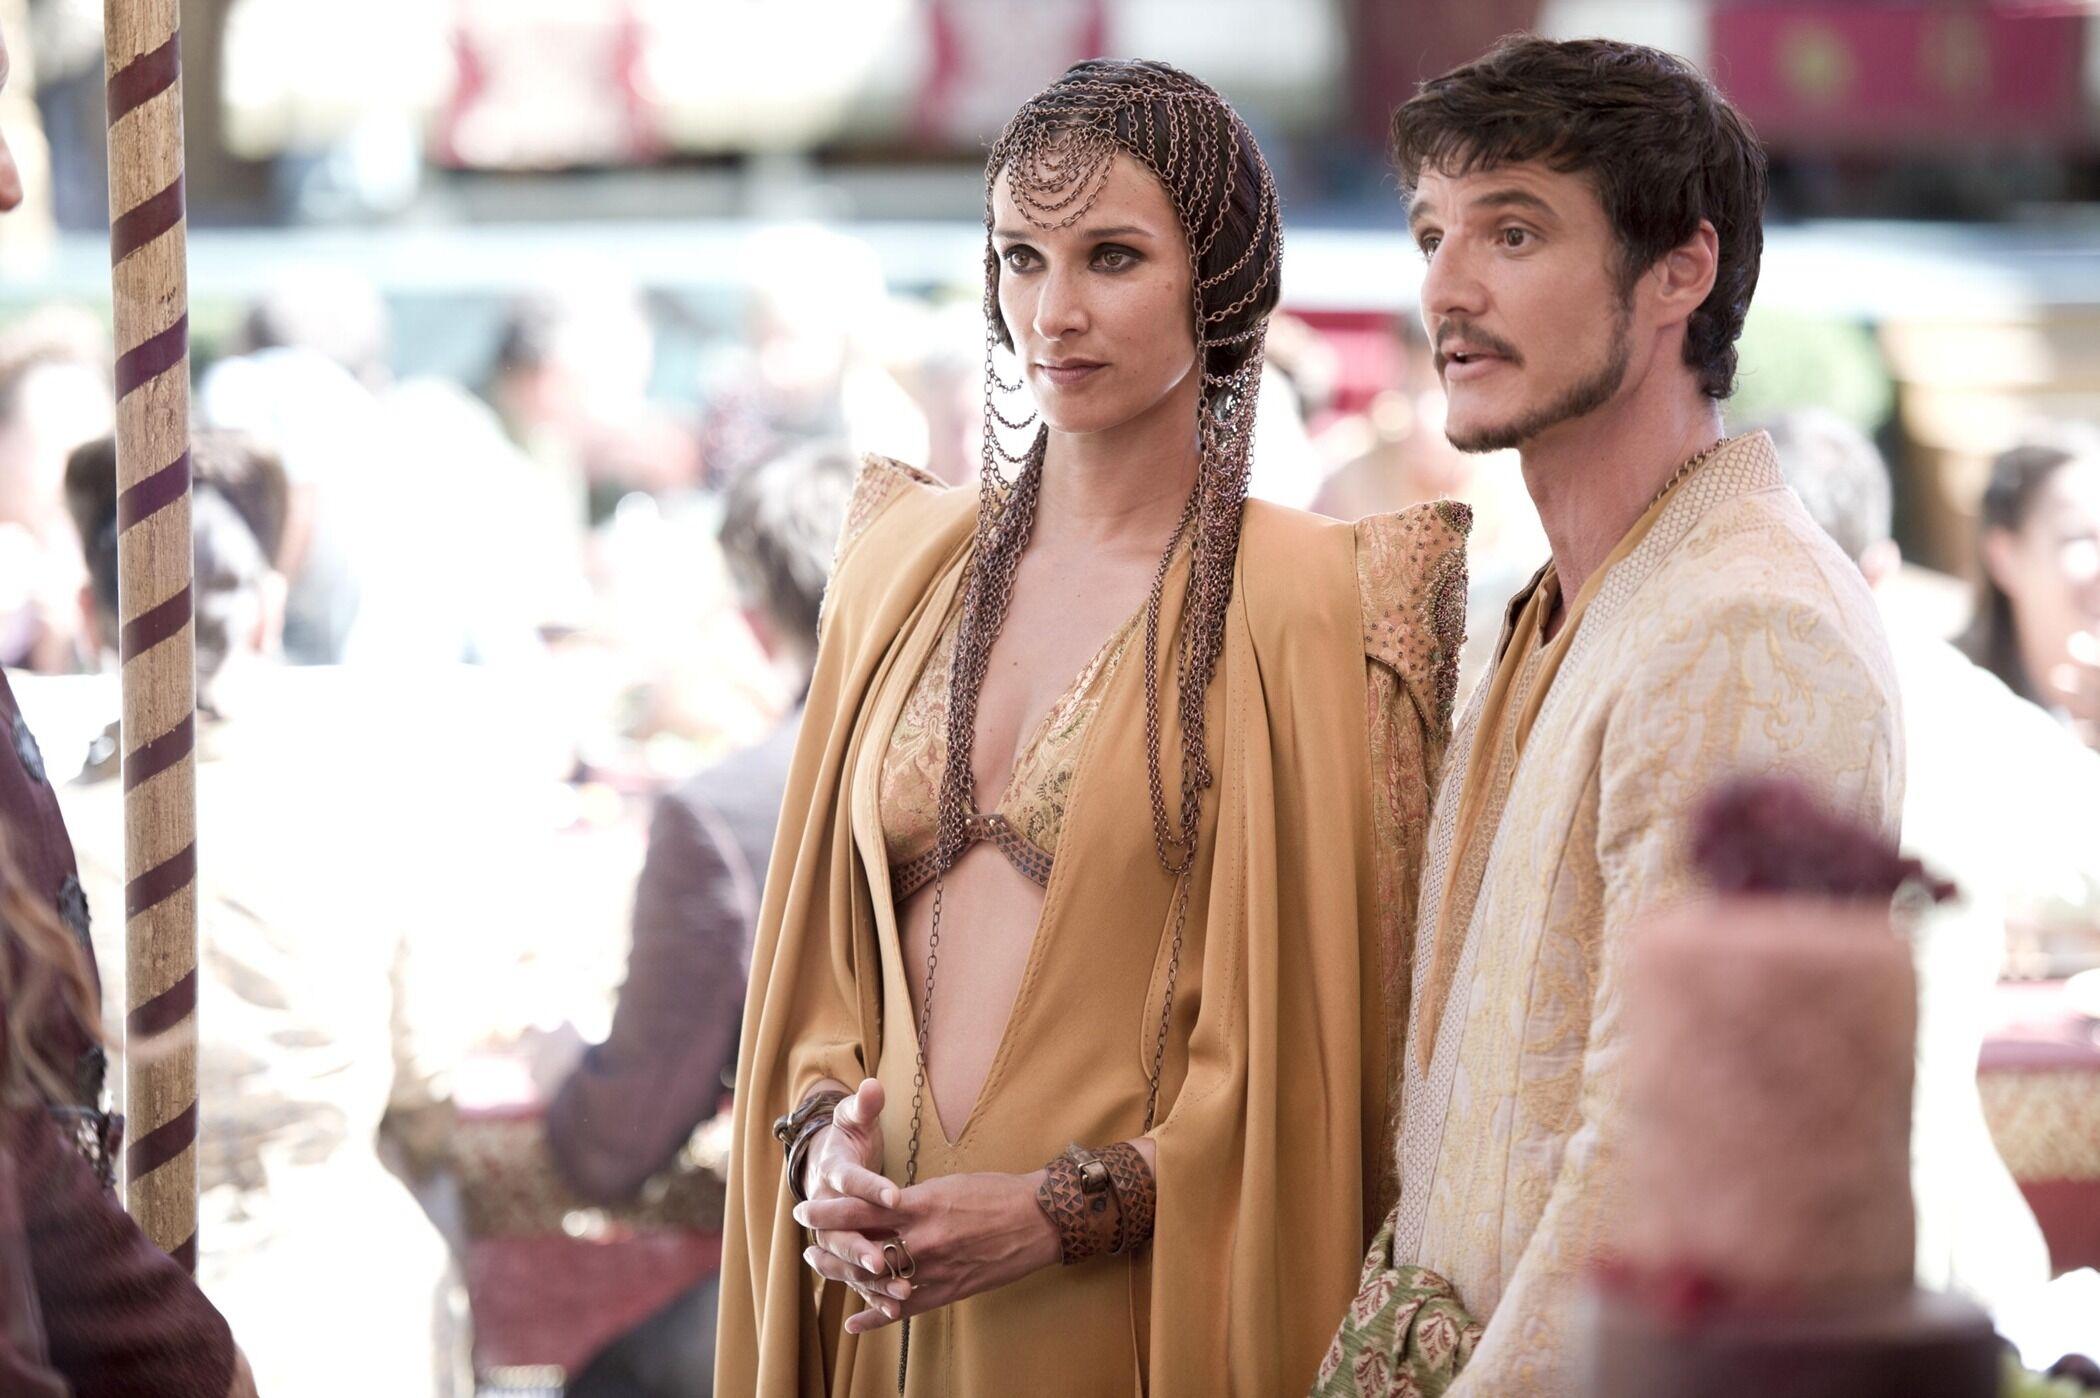 Girlfriend oberyn martell Cersei Lannister